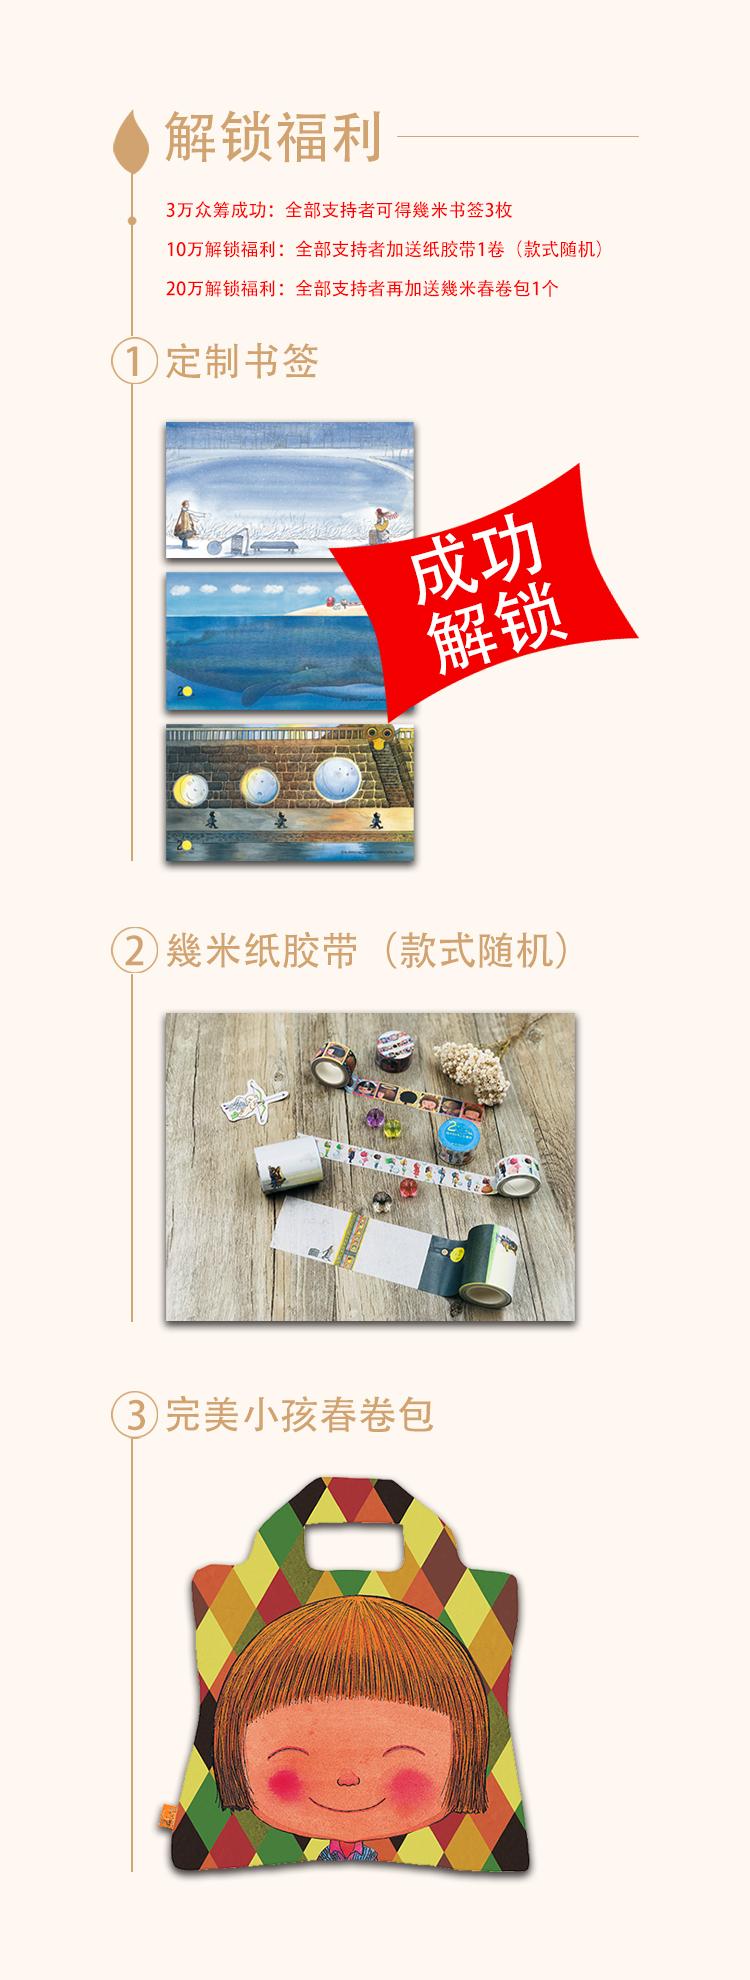 解锁福利750 拷贝.jpg